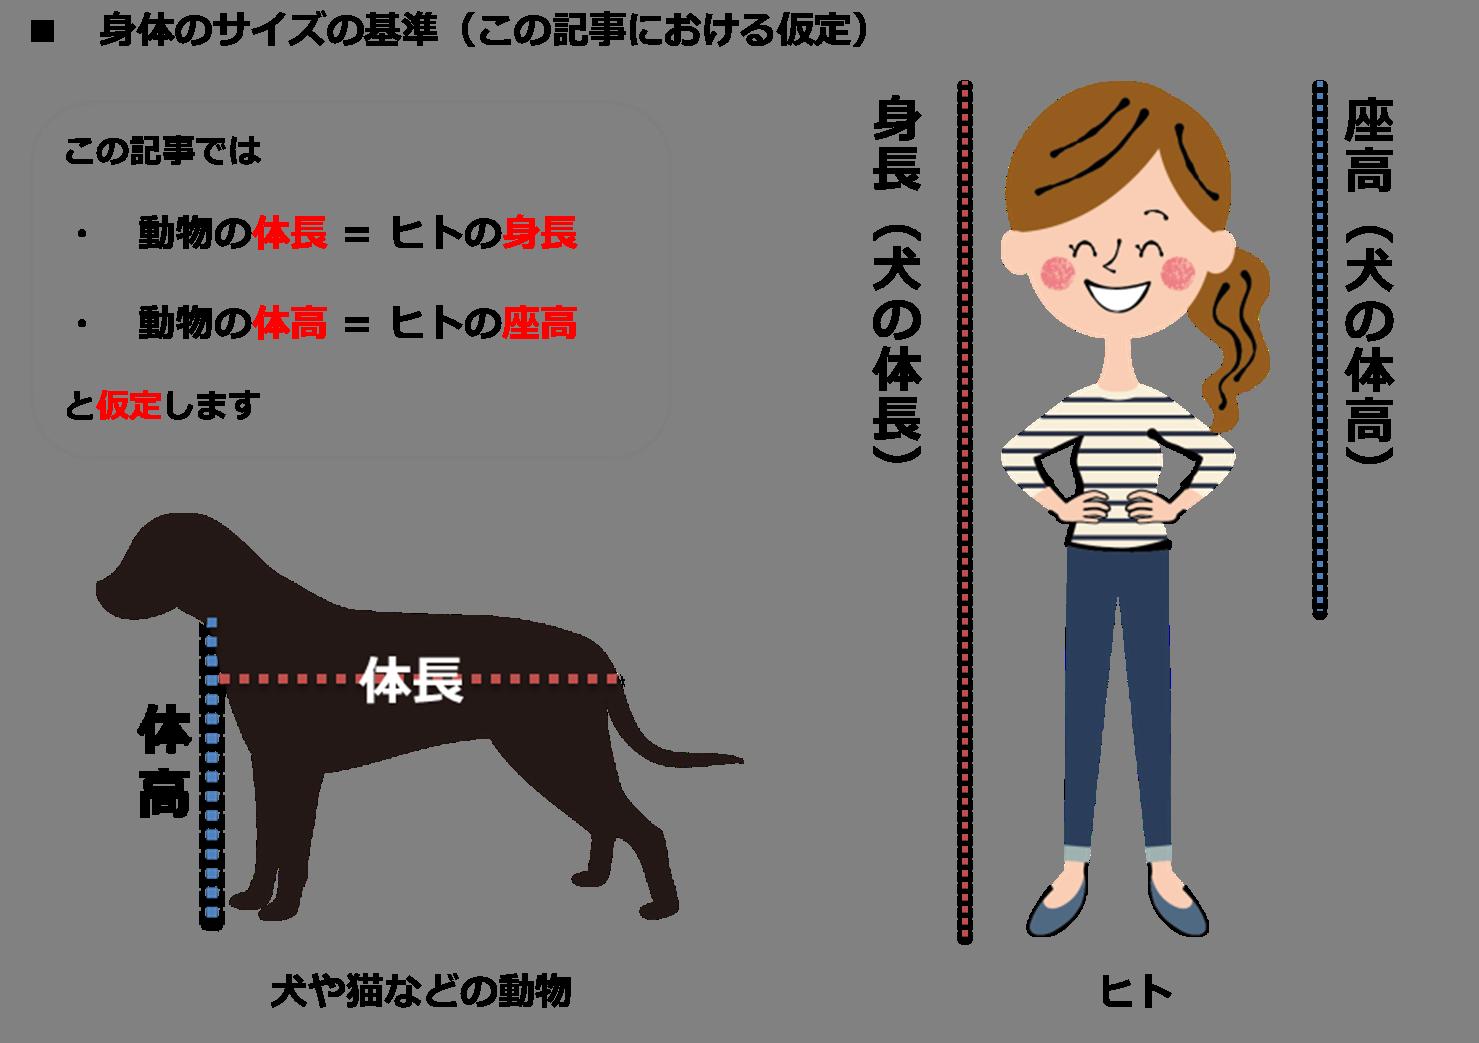 数値規制(飼育環境、ニンゲン